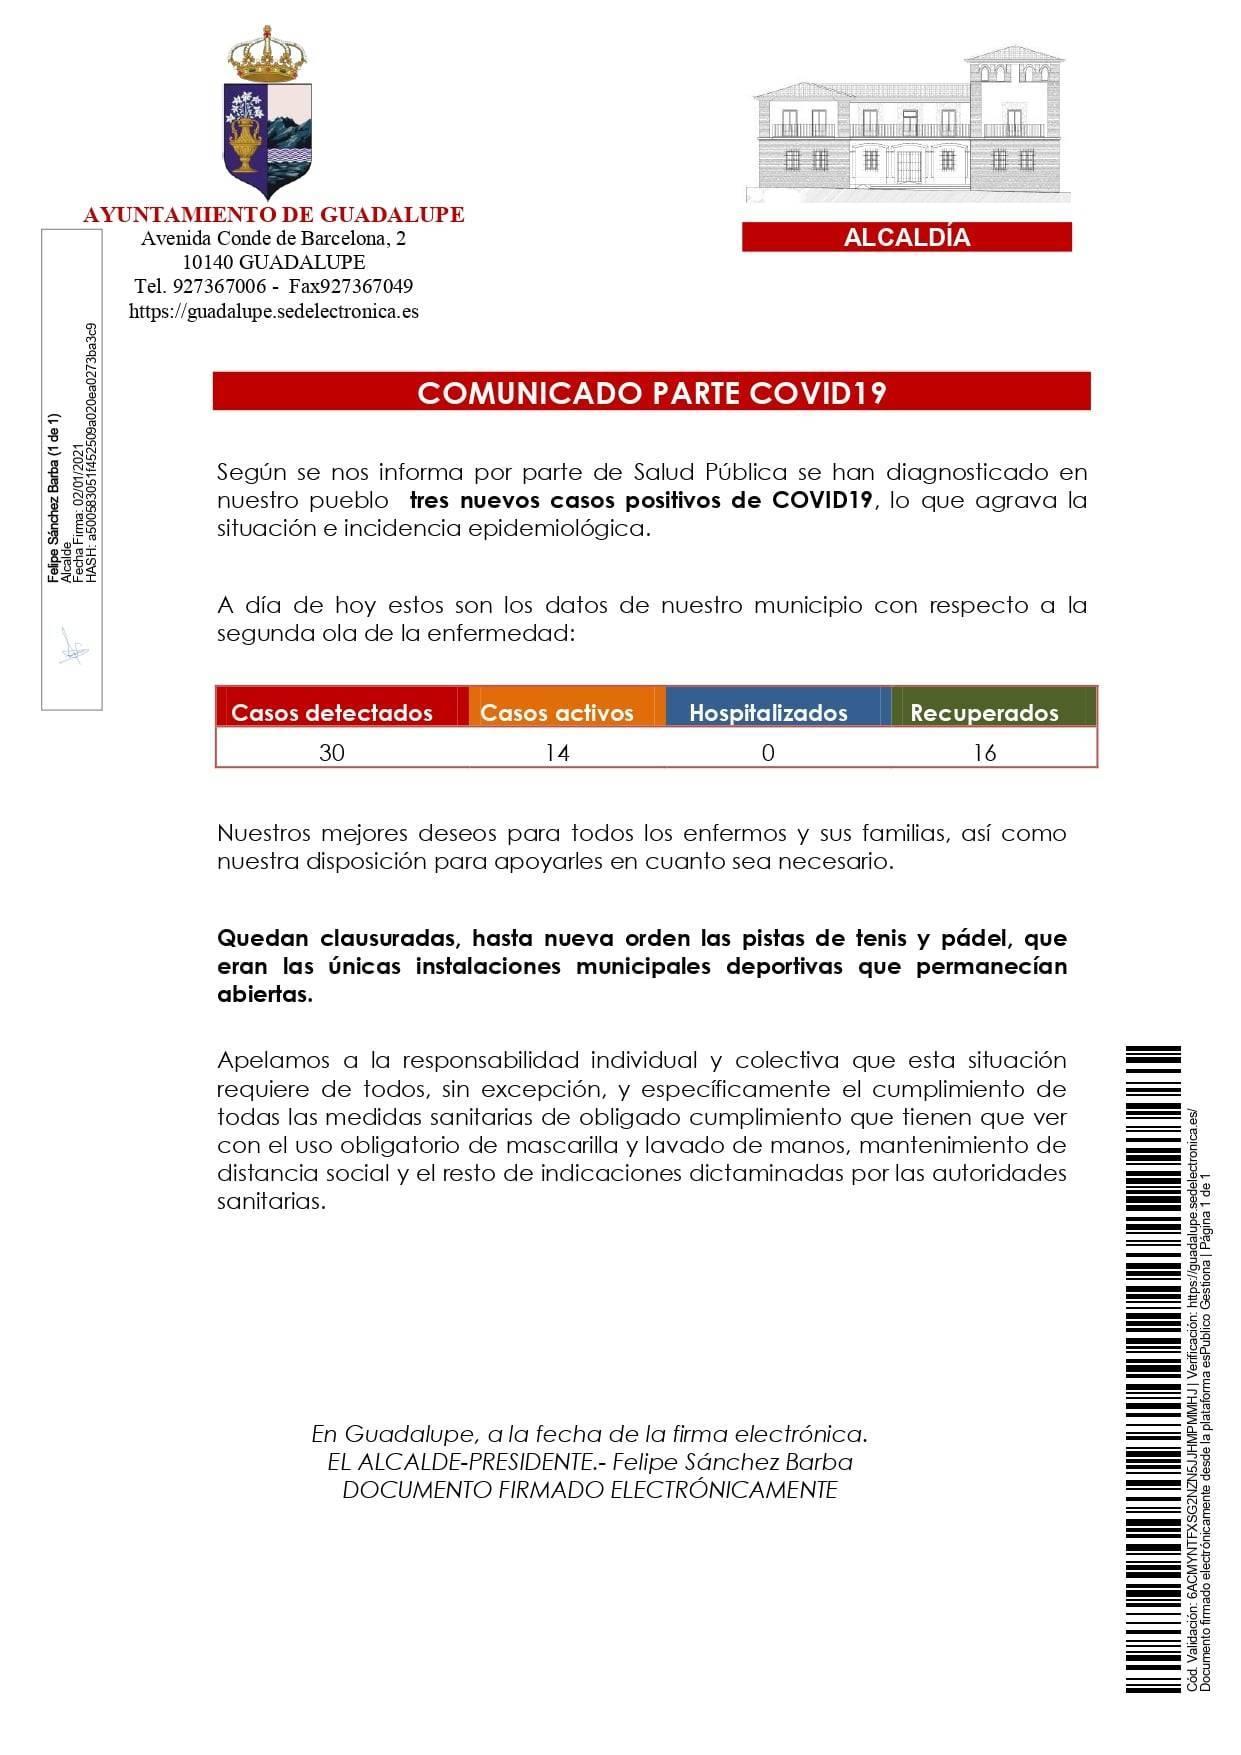 3 nuevos casos positivos de COVID-19 (enero 2021) - Guadalupe (Cáceres)